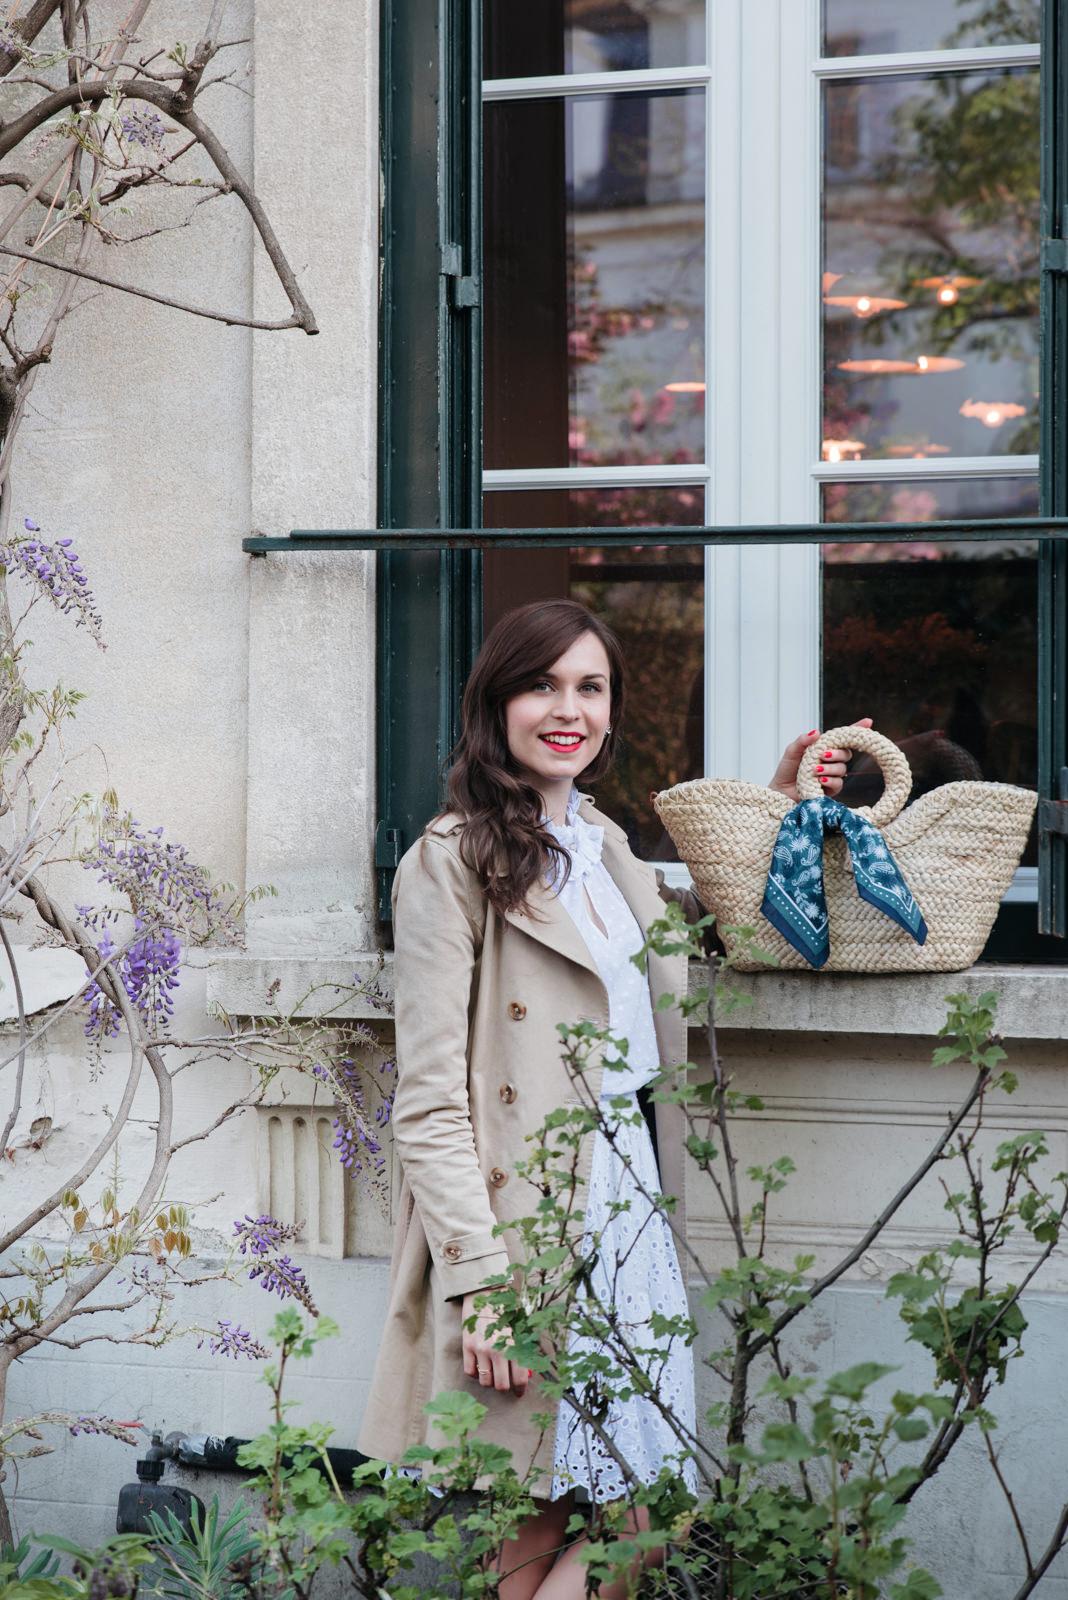 Blog-Mode-And-The-City-Lifestyle-Maison-Montmartre-My-Little-Paris-4